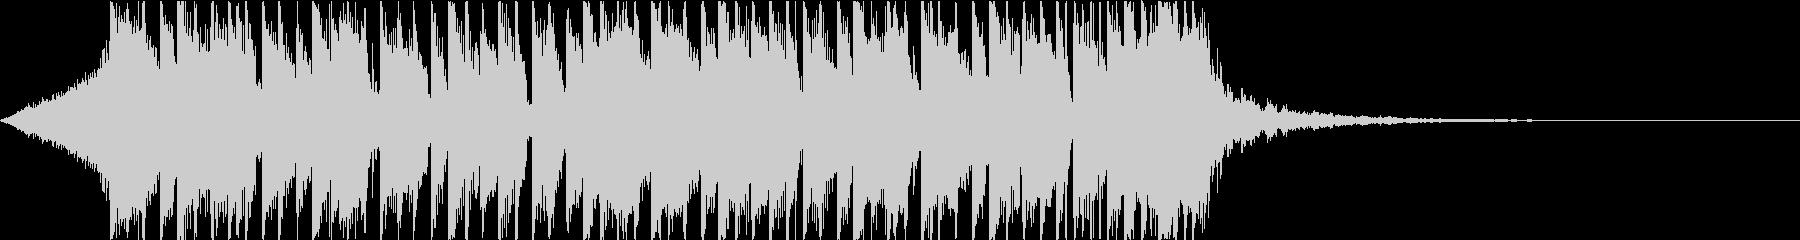 ベース スラップ 重低音 ジングルの未再生の波形